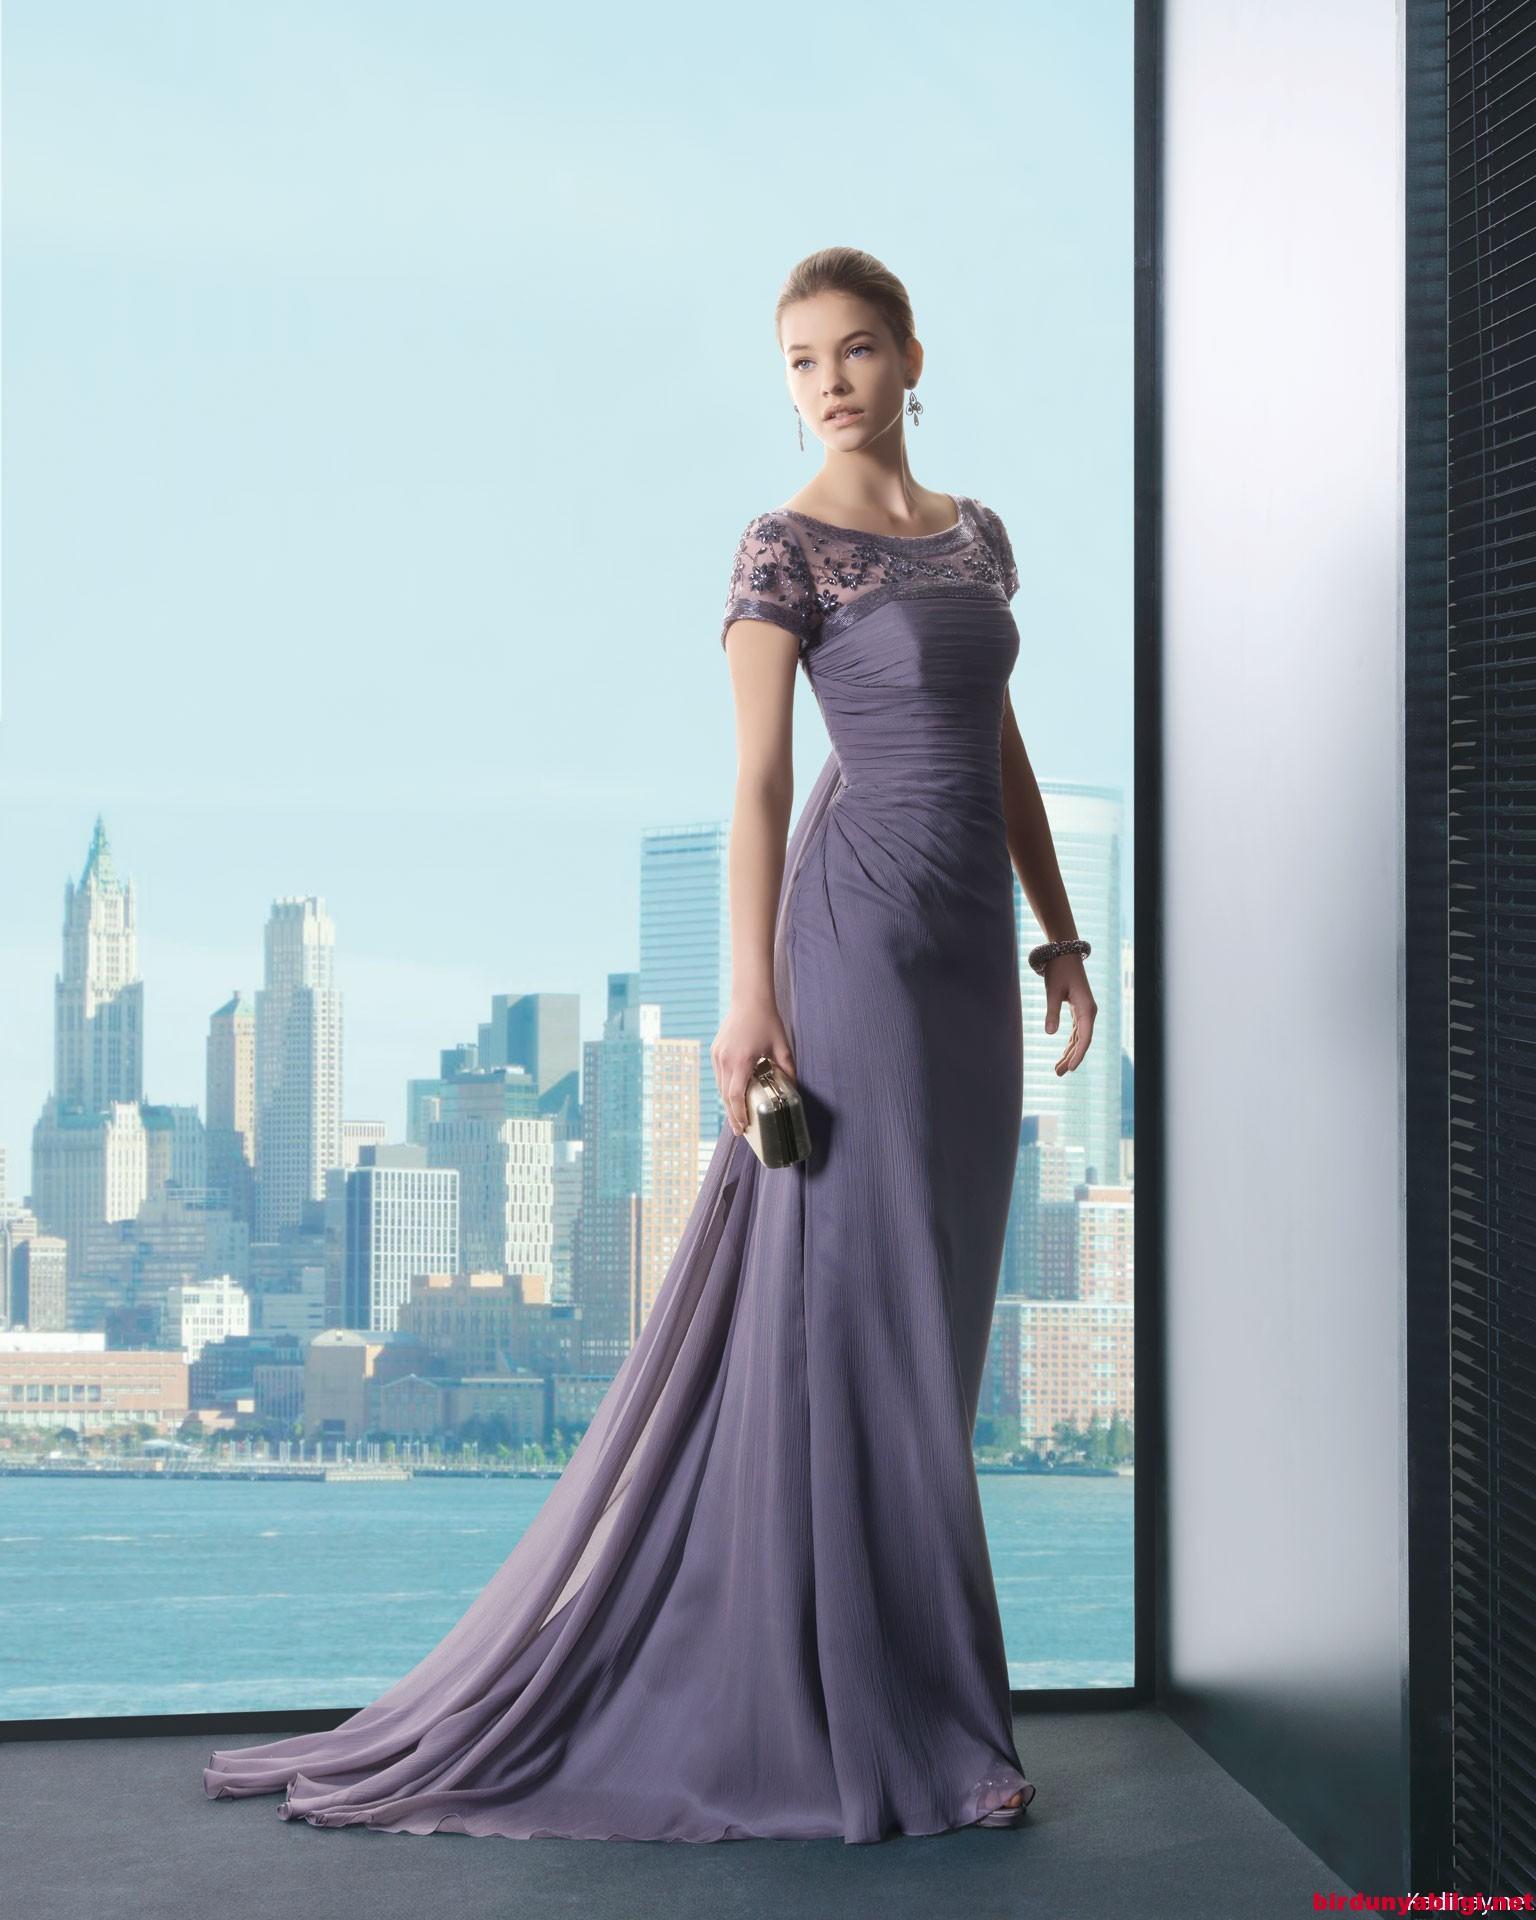 d6068102581e4 Düğün için Abiye Elbise Modelleri | Örgü Delisiyim